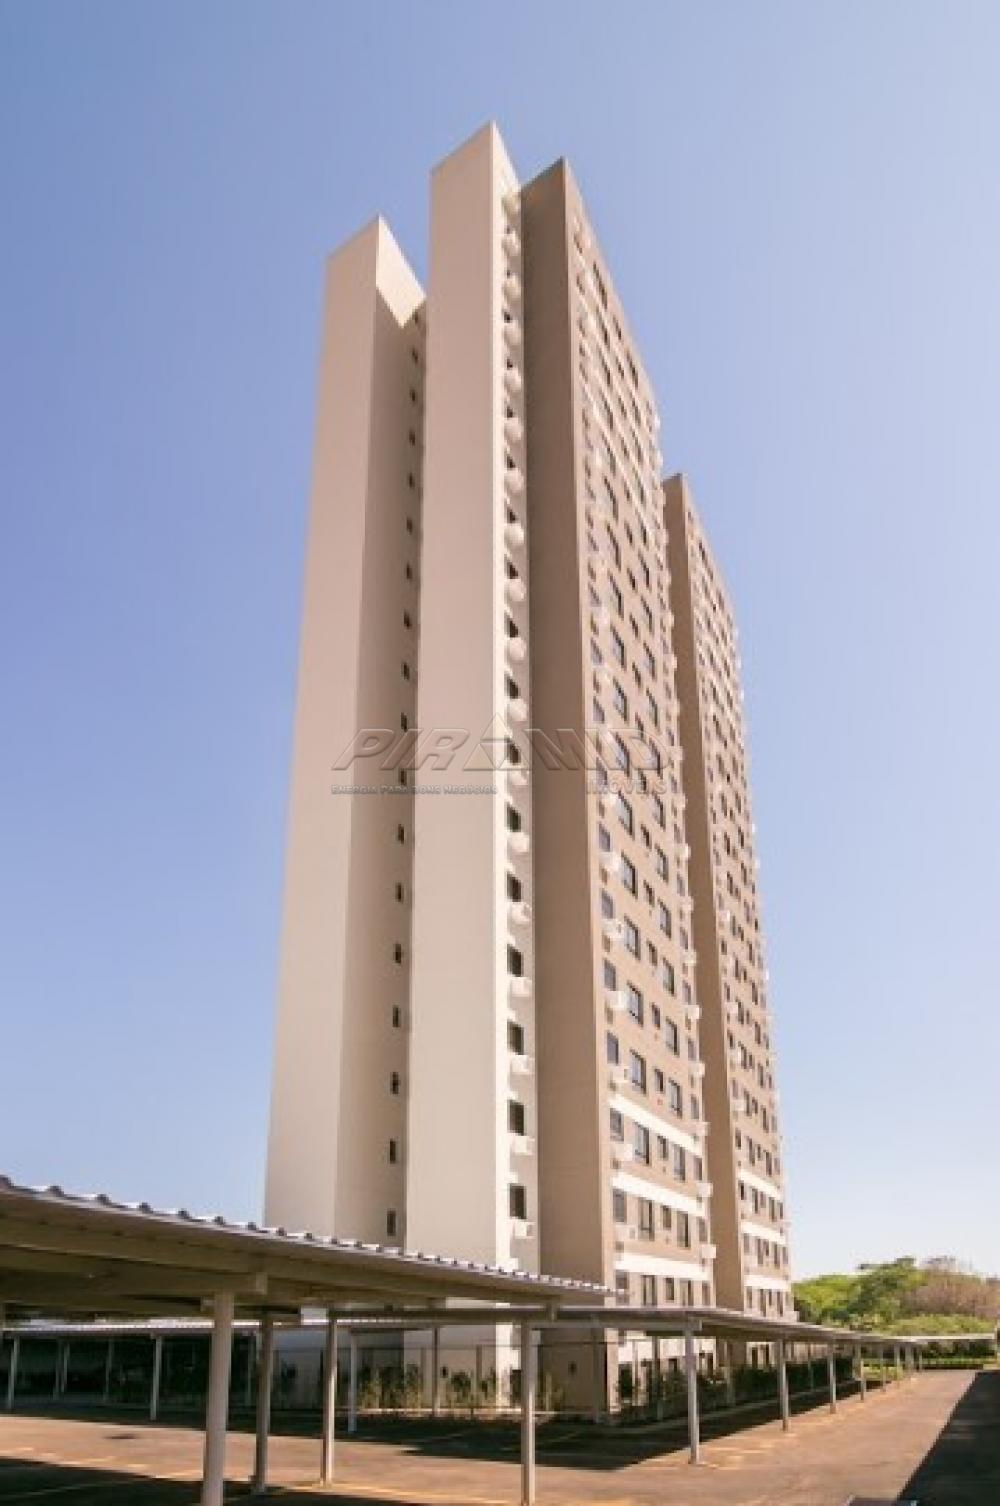 Comprar Apartamento / Padrão em Ribeirão Preto apenas R$ 203.320,00 - Foto 23